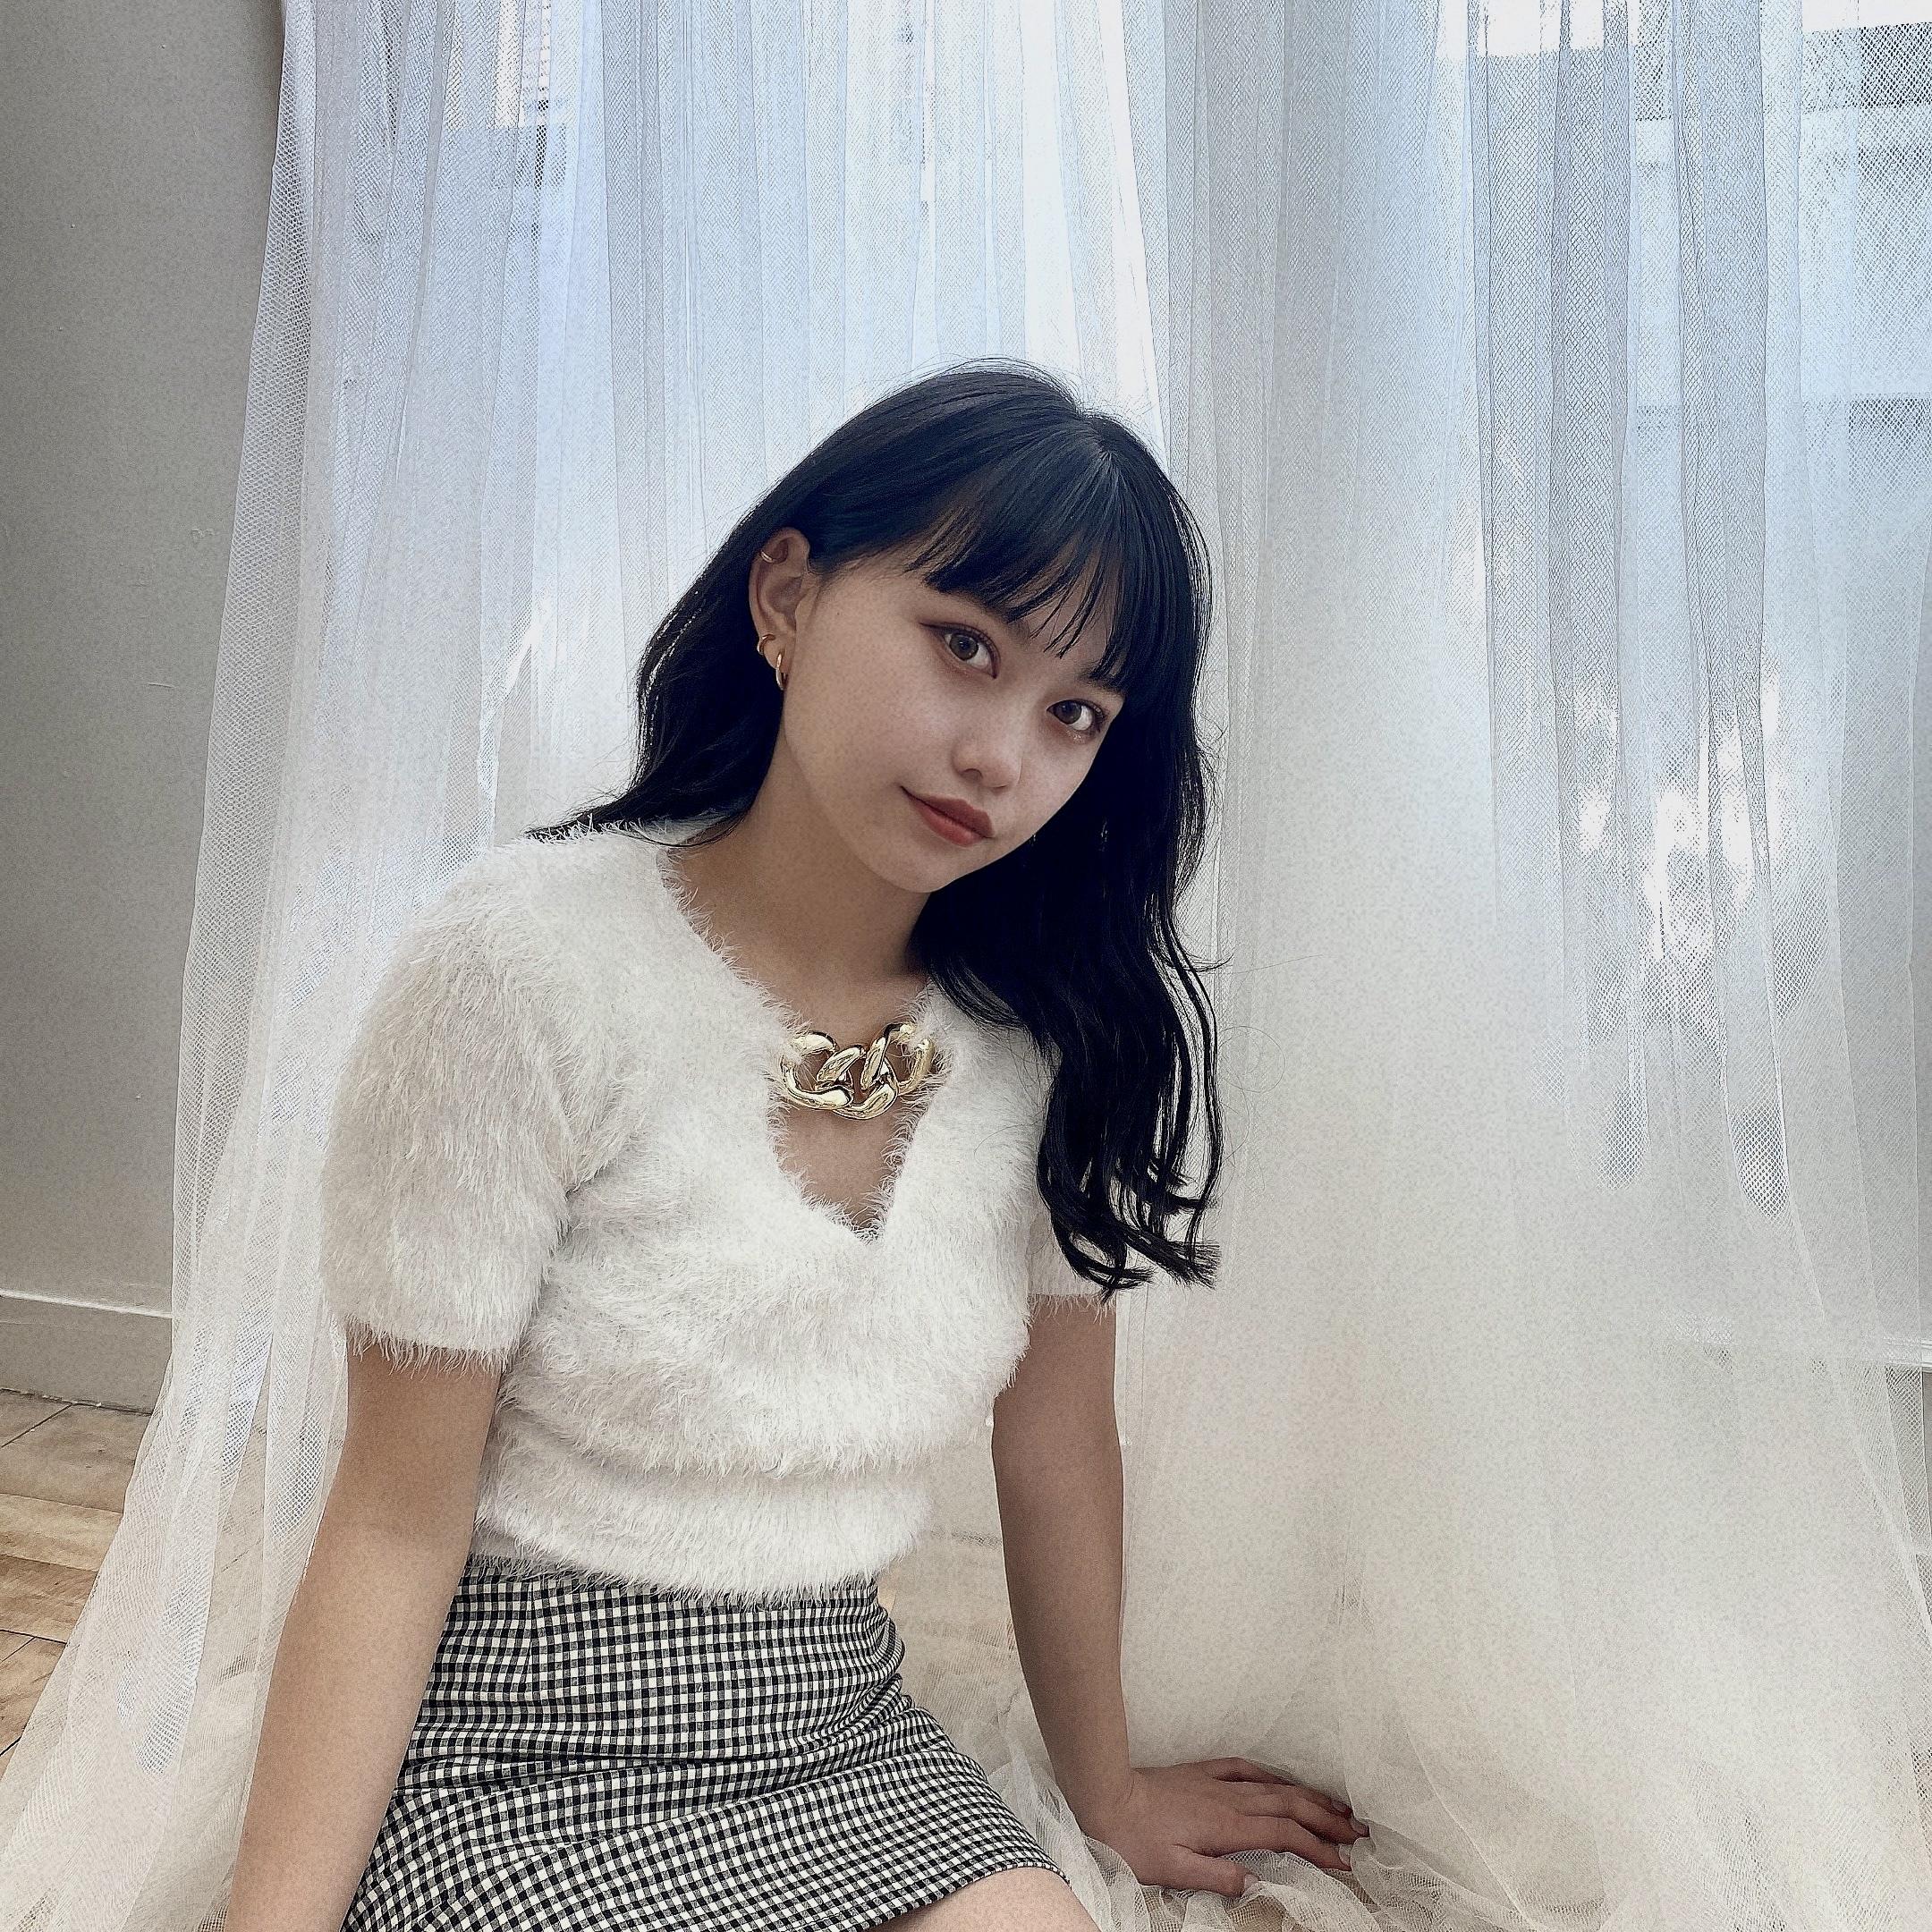 【Belle】LAST5 Vneck chain tops / white